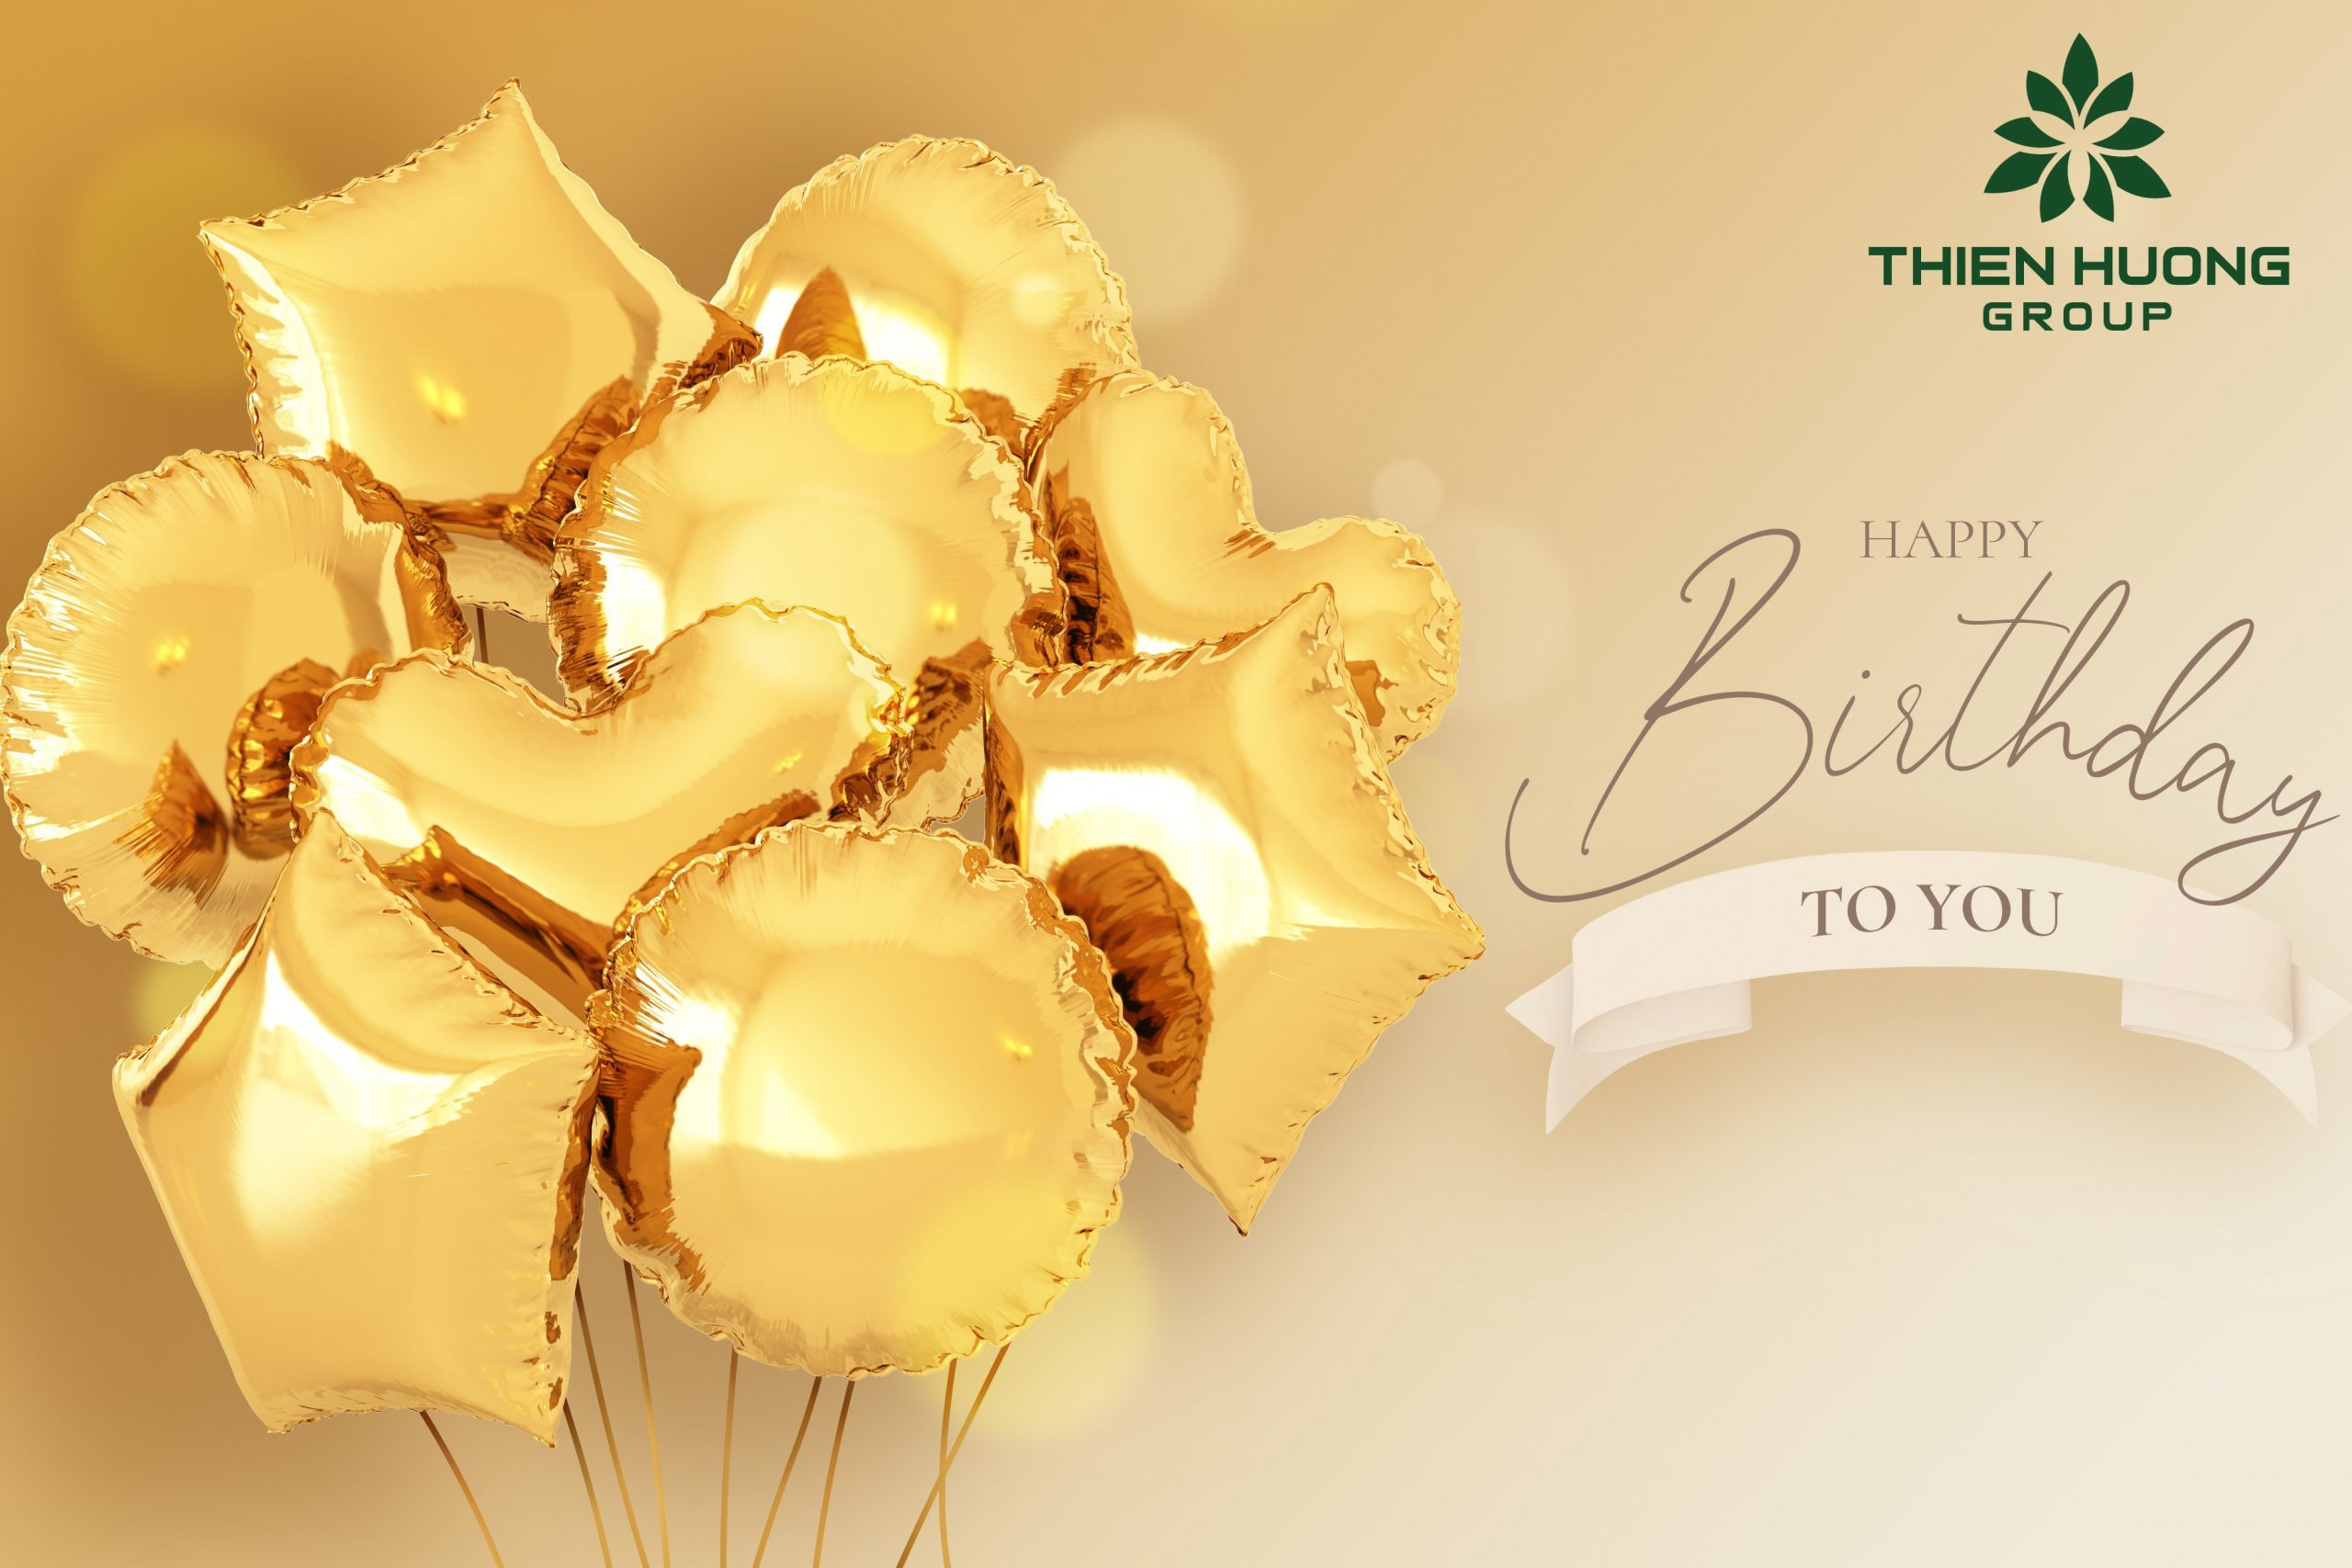 Thiên Hương Group Chúc mừng sinh nhật nhân sự Tháng 10